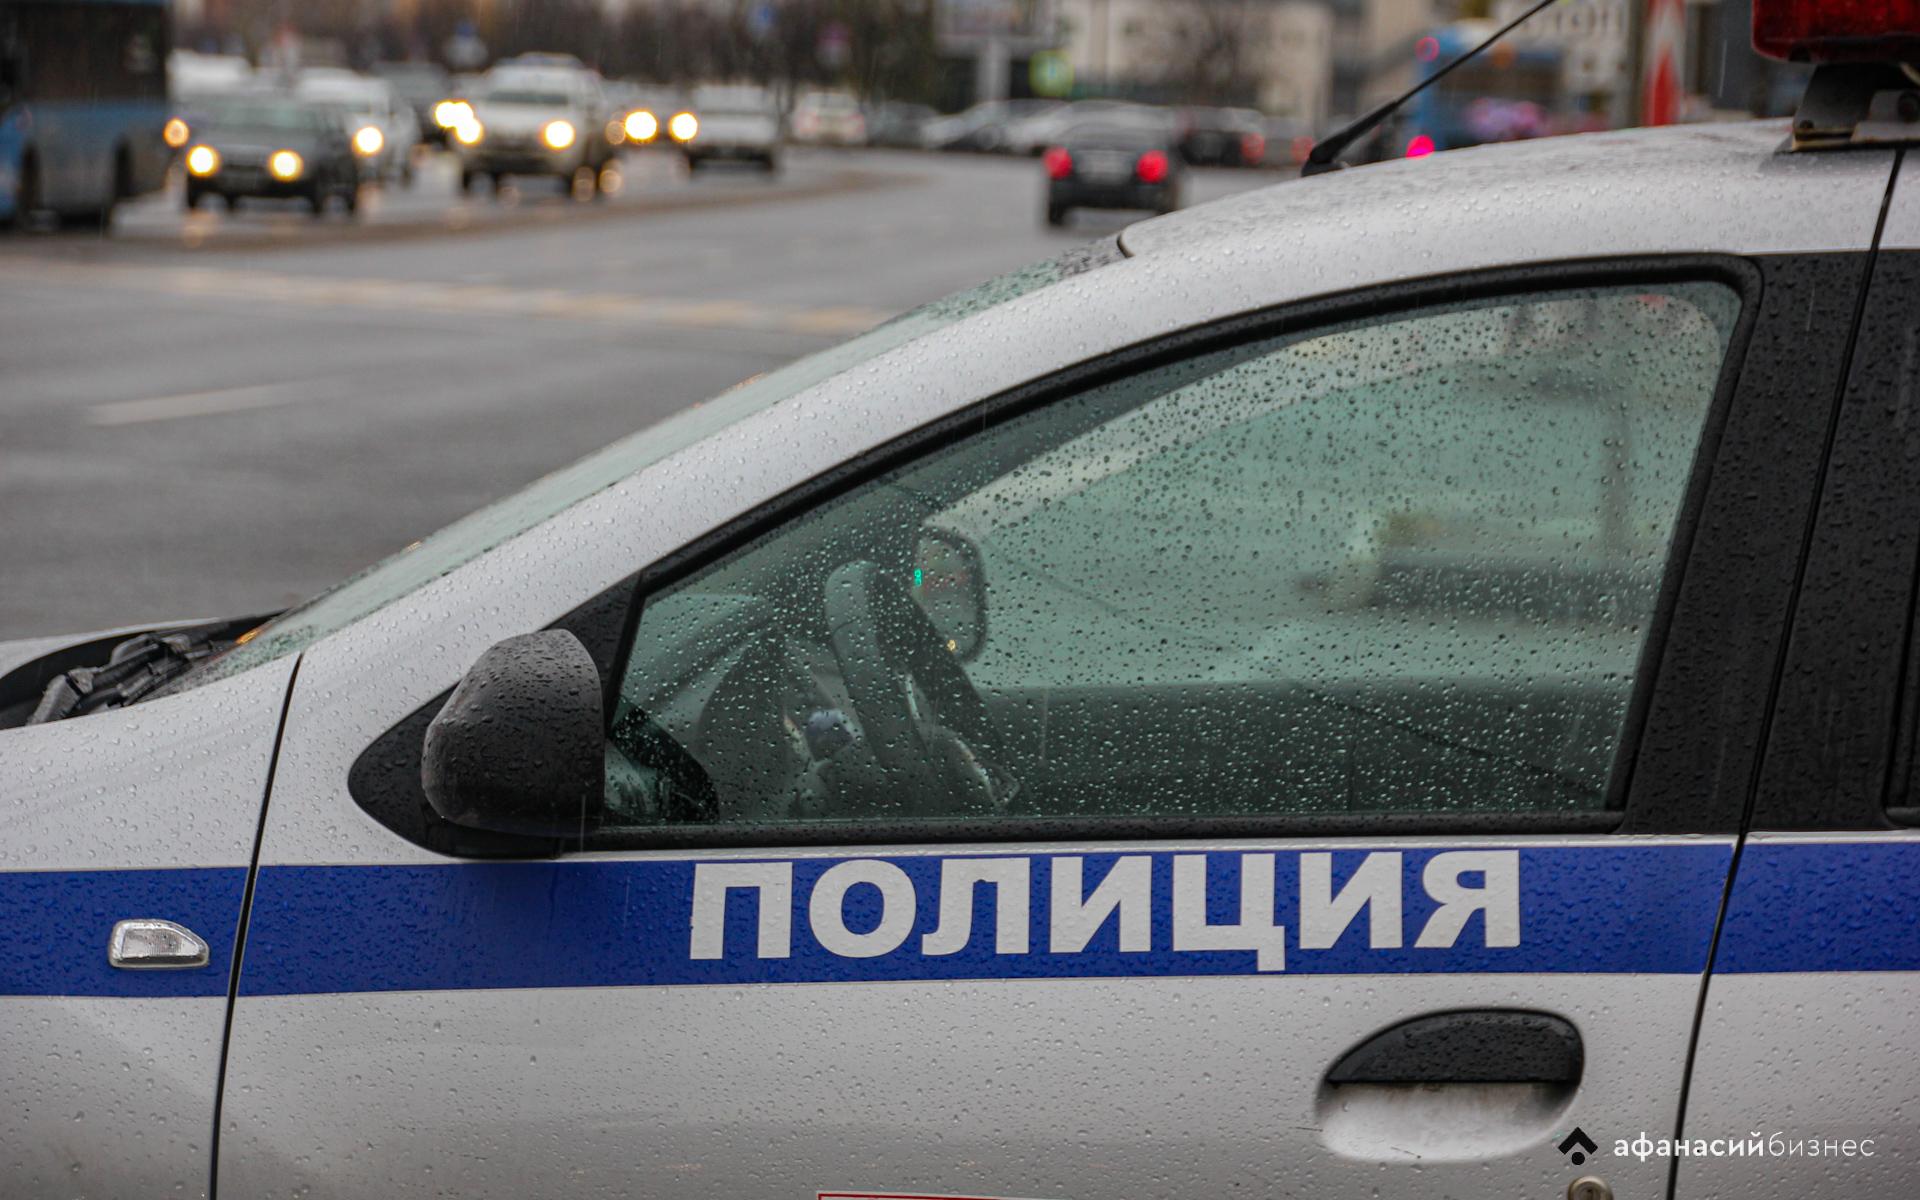 В Твери пенсионерка отправила мошенникам более 1,5 млн рублей - новости Афанасий